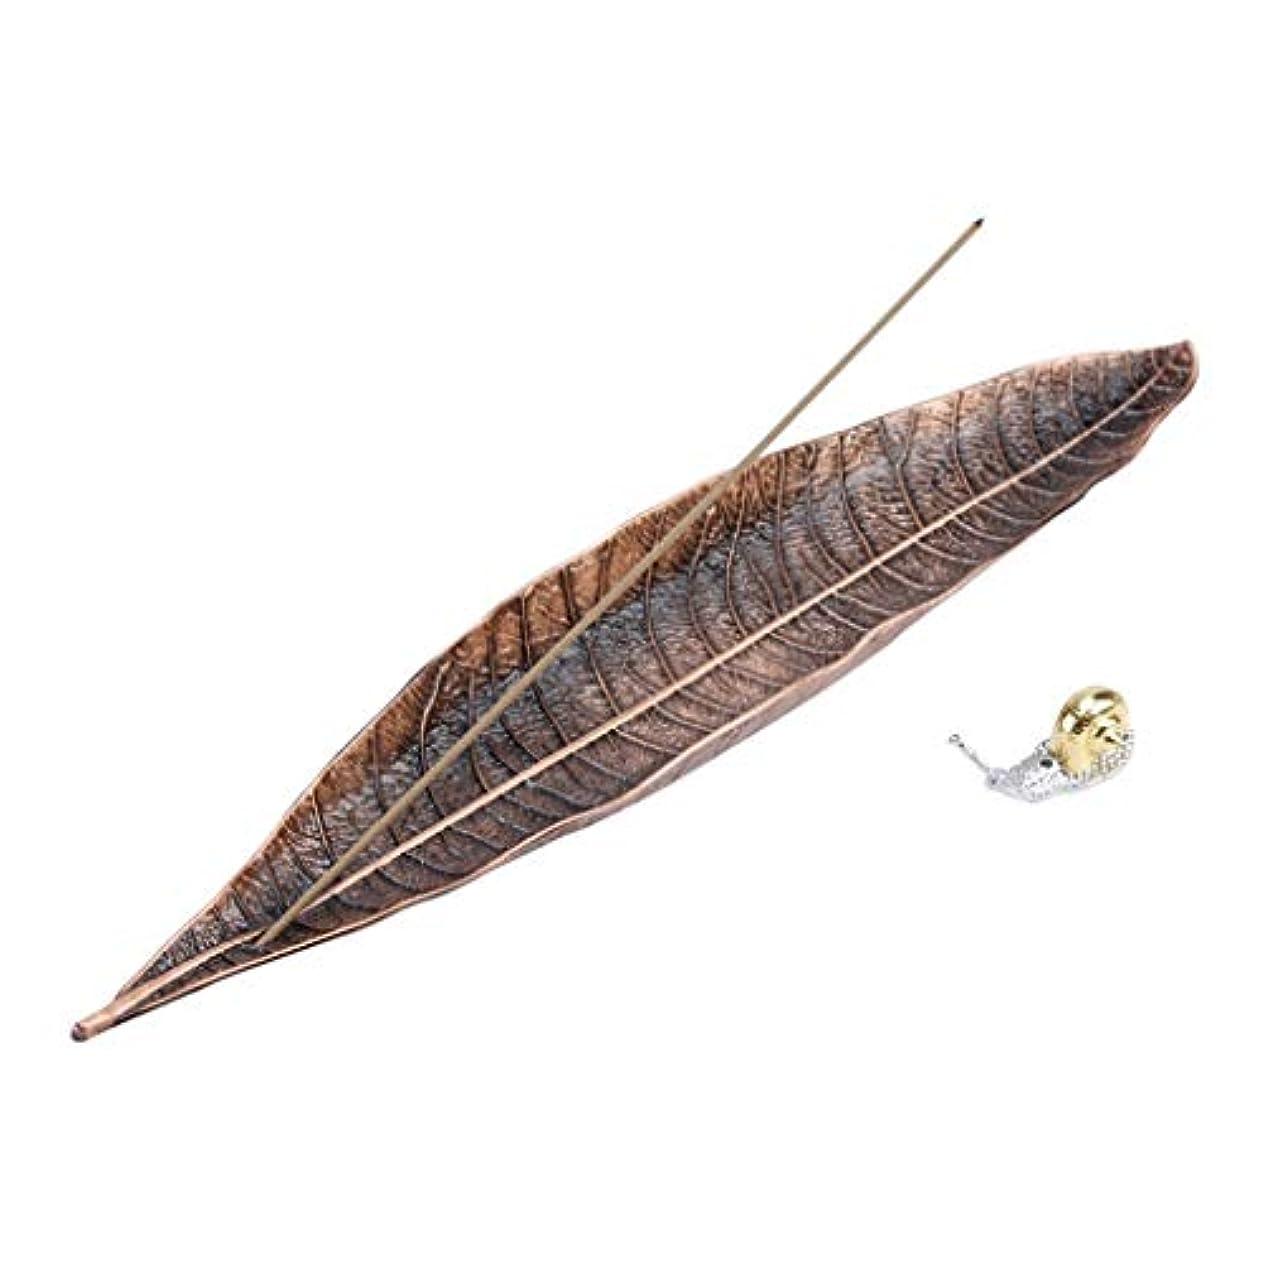 不十分な神の感謝している芳香器?アロマバーナー カタツムリの香の棒のホールダーの家の装飾の付属品が付いている葉の香のホールダーの灰のキャッチャーの長い香バーナー 芳香器?アロマバーナー (Color : A)